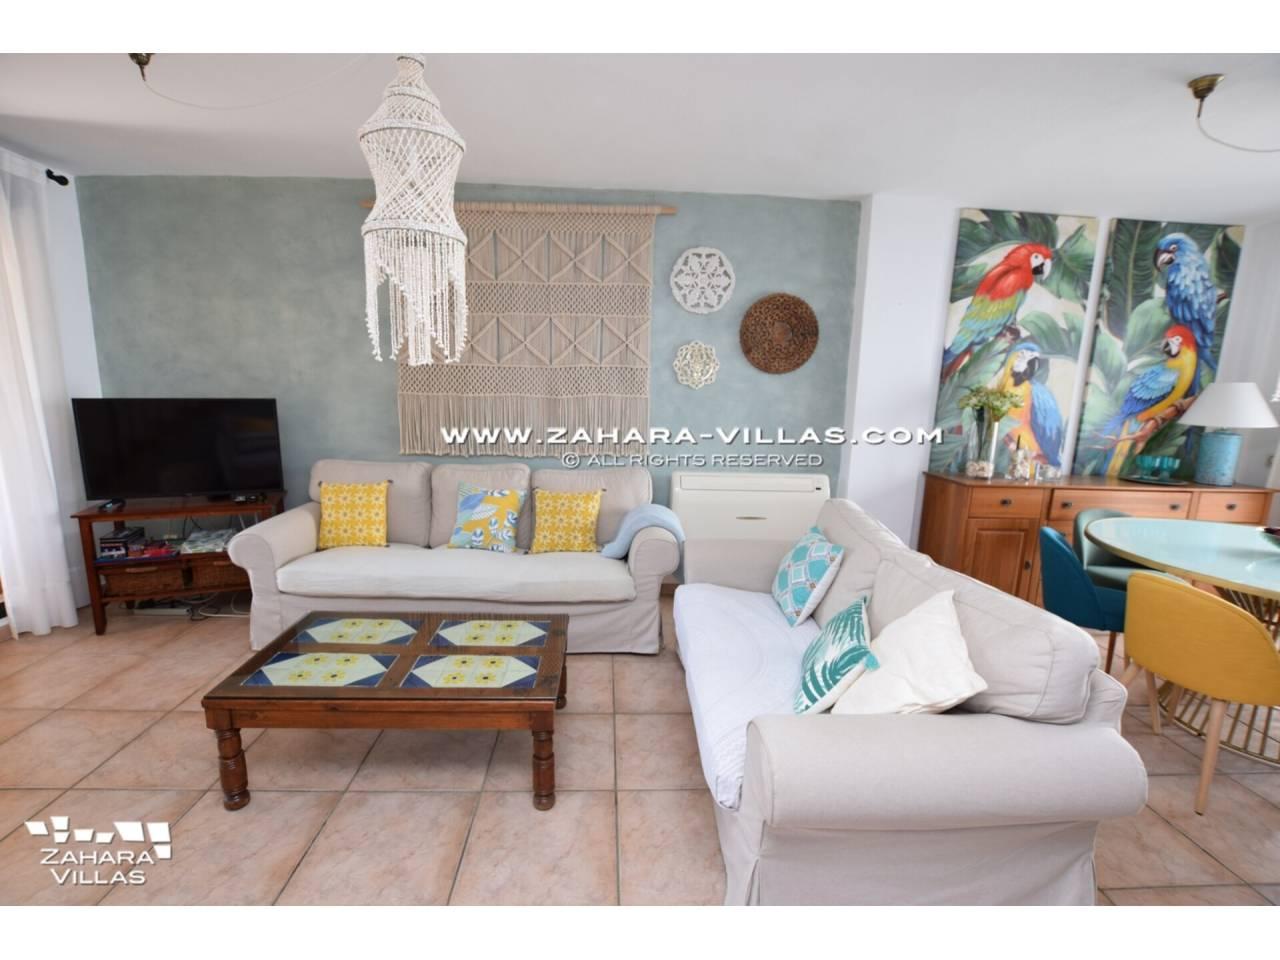 Imagen 6 de Casa Adosada con vistas al mar en venta en Urb. Jardines de Zahara